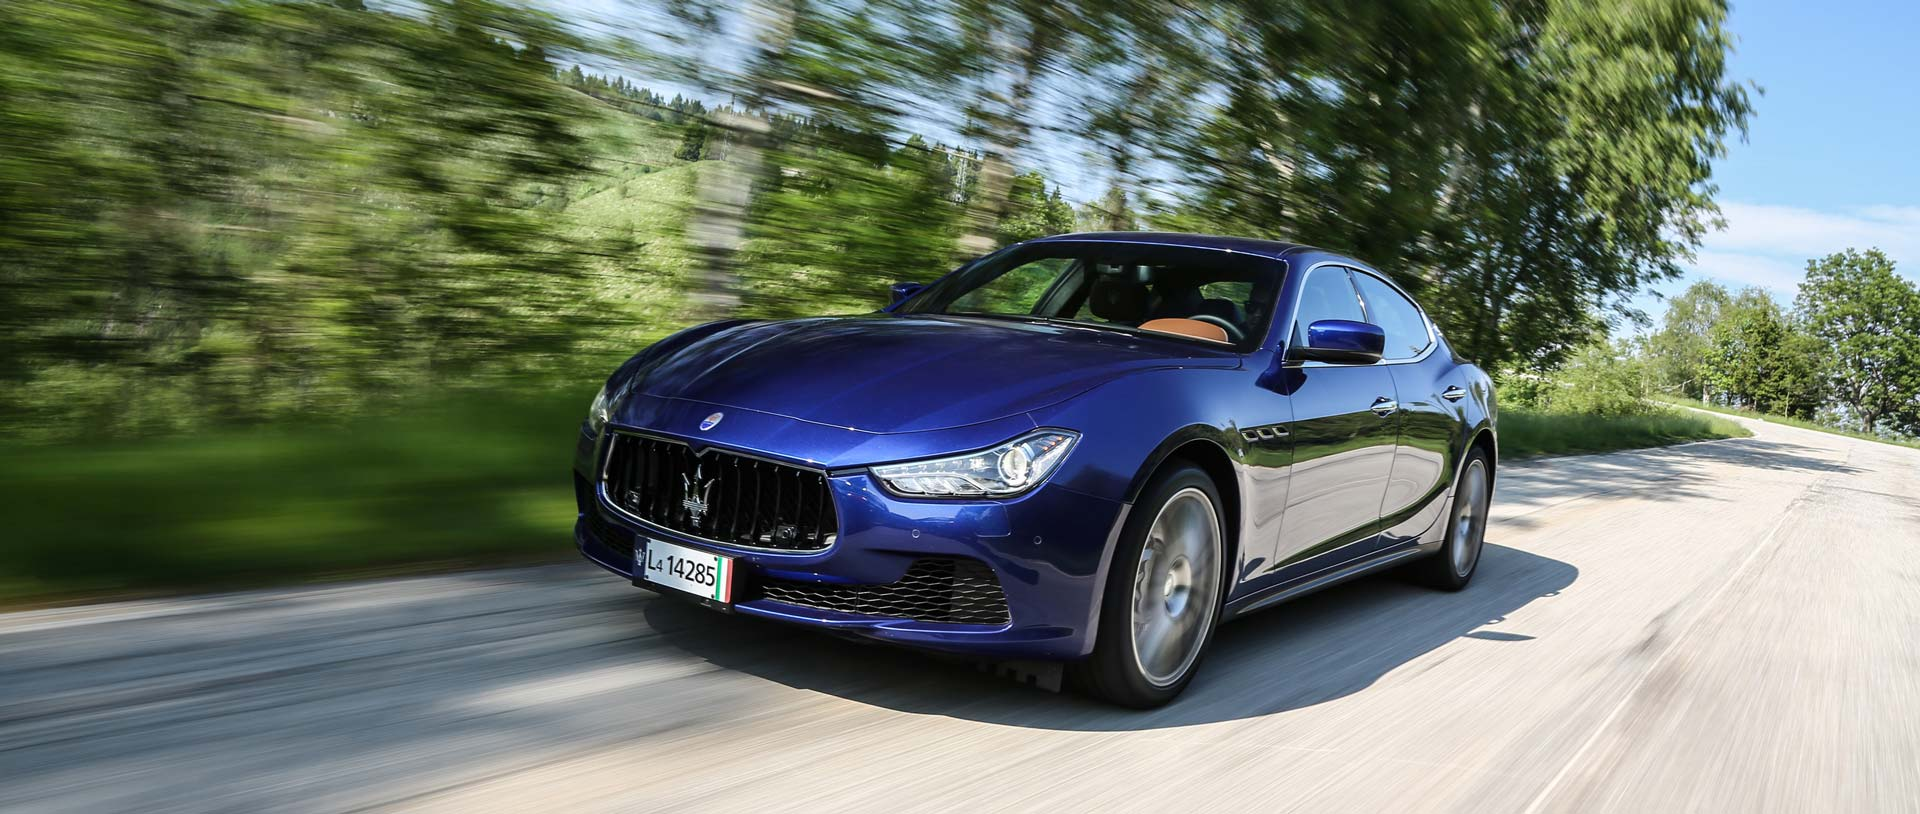 Šef Maseratija: Niže cijene? To bi uništilo brend